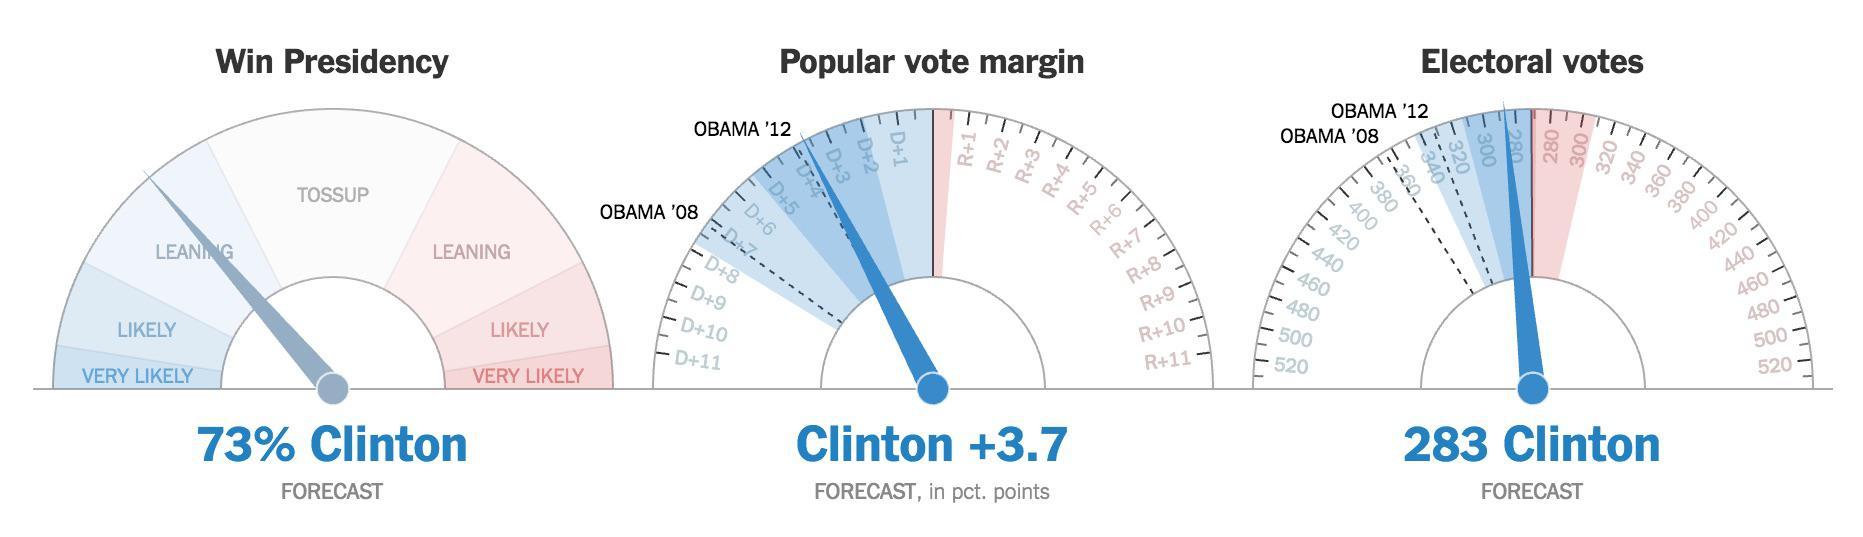 Sigue bajando la probabilidad de victoria de Clinton, ya por el 73%, 10 puntos menos que al inicio de la noche.